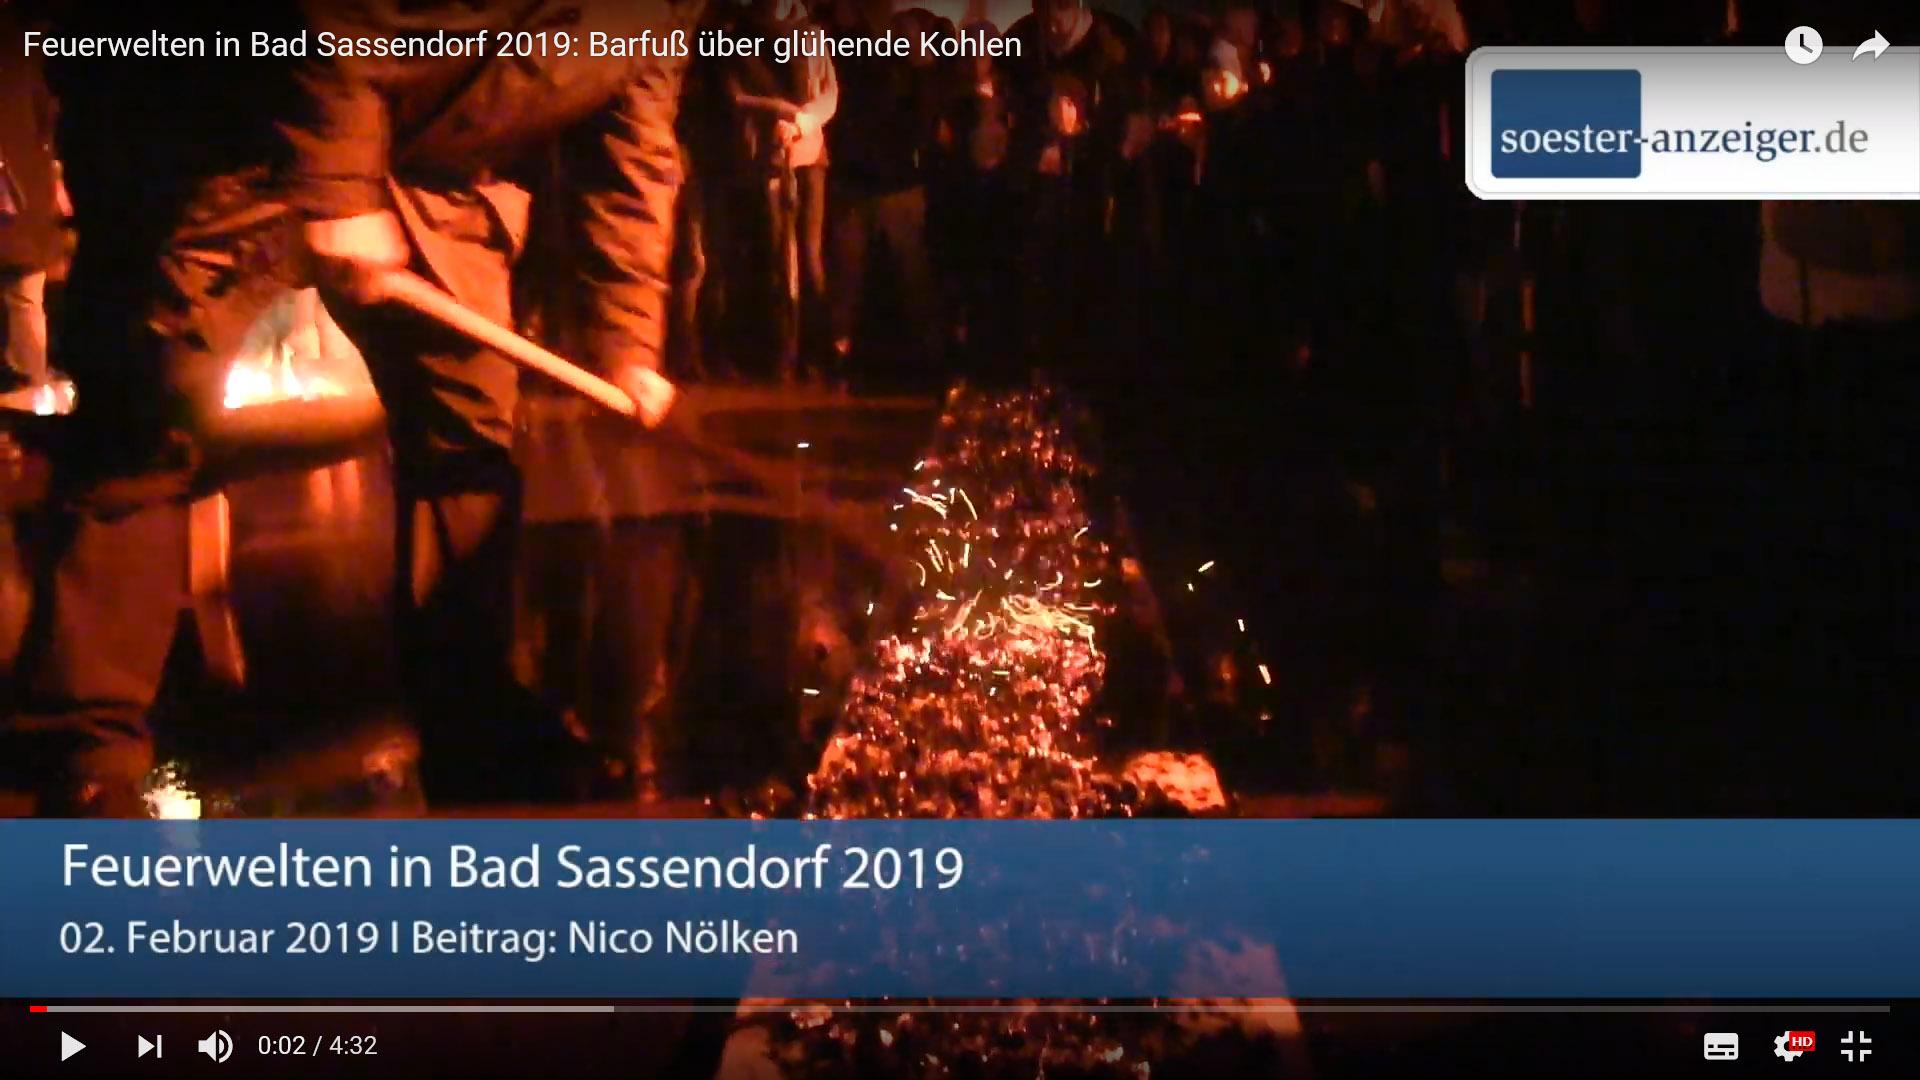 Feuerwelten Bad Sassendorf 2019